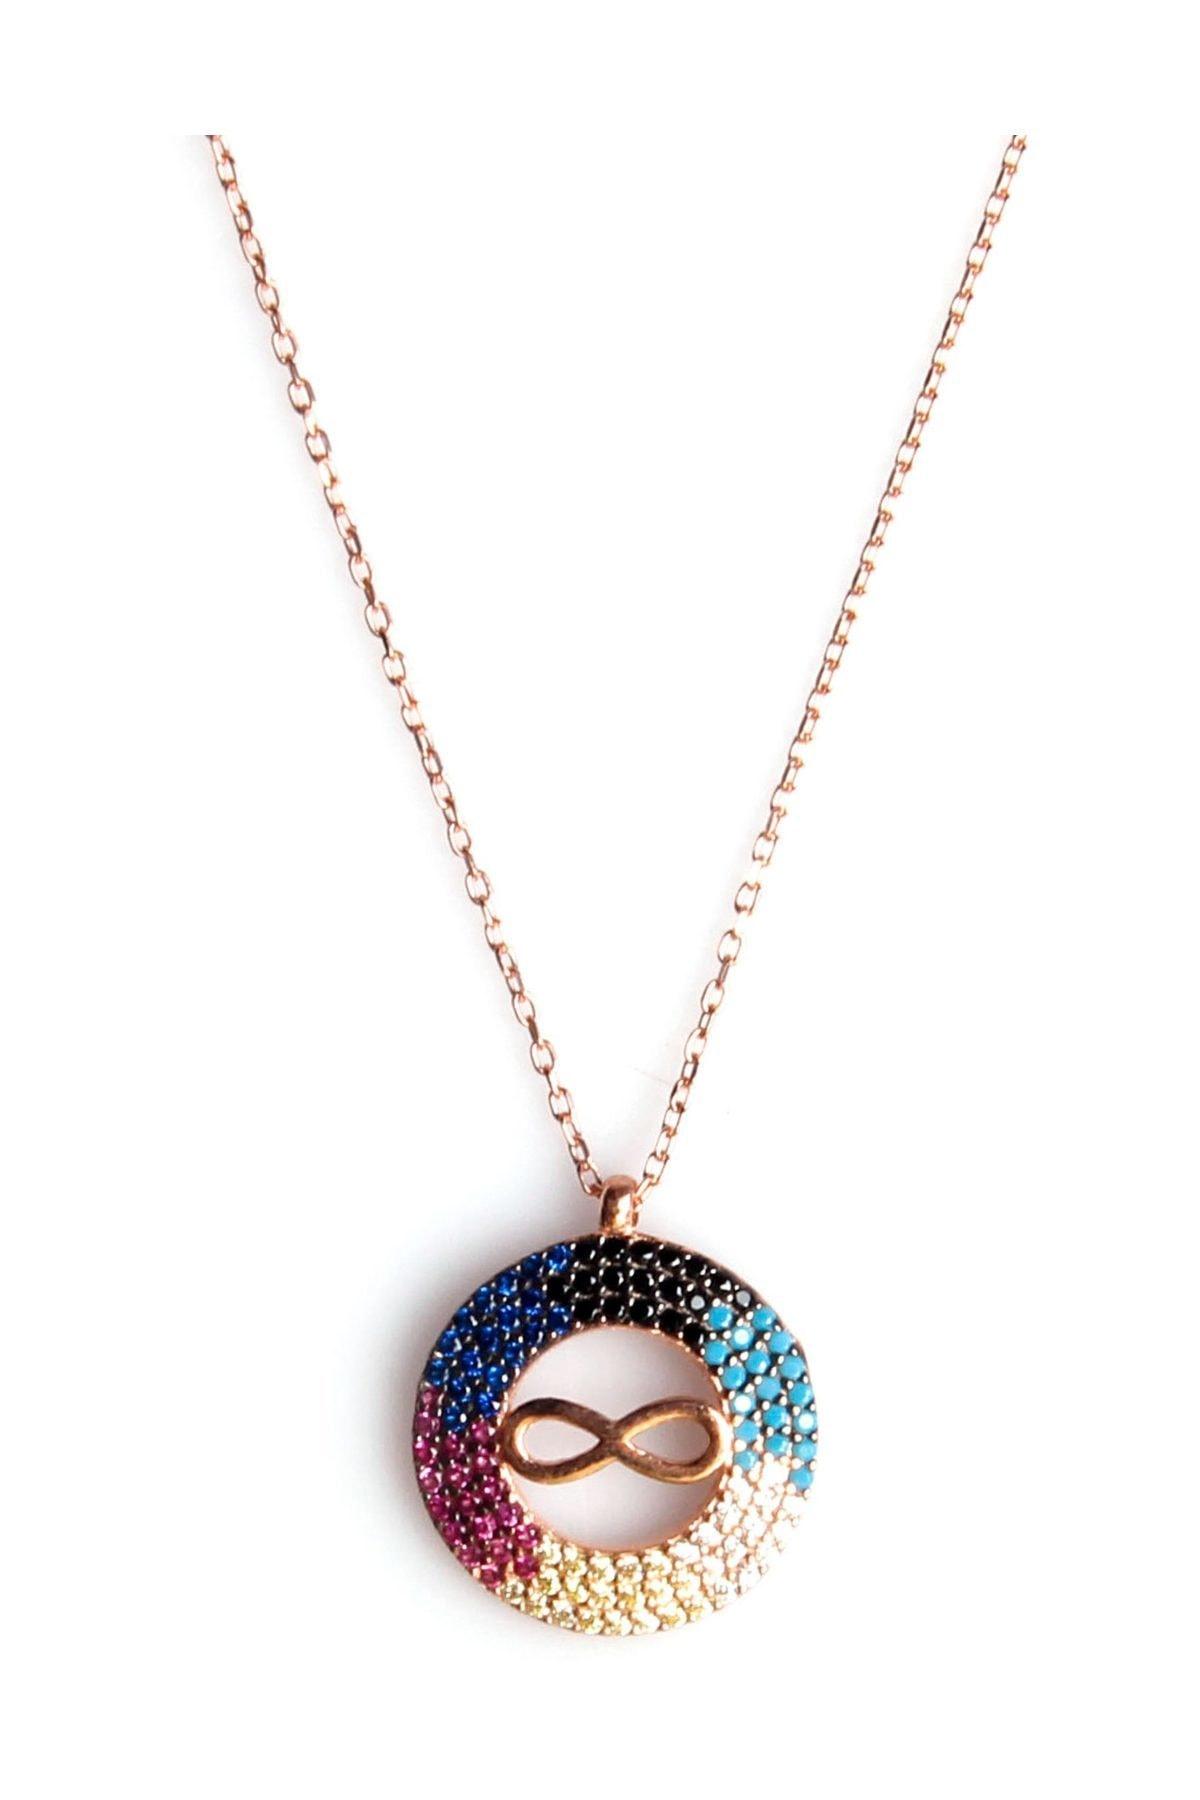 Sahra Renkli Zirkon Süslemeli Sonsuzluk Tasarım 925 Ayar Gümüş Kolye KLY-0066-21 1